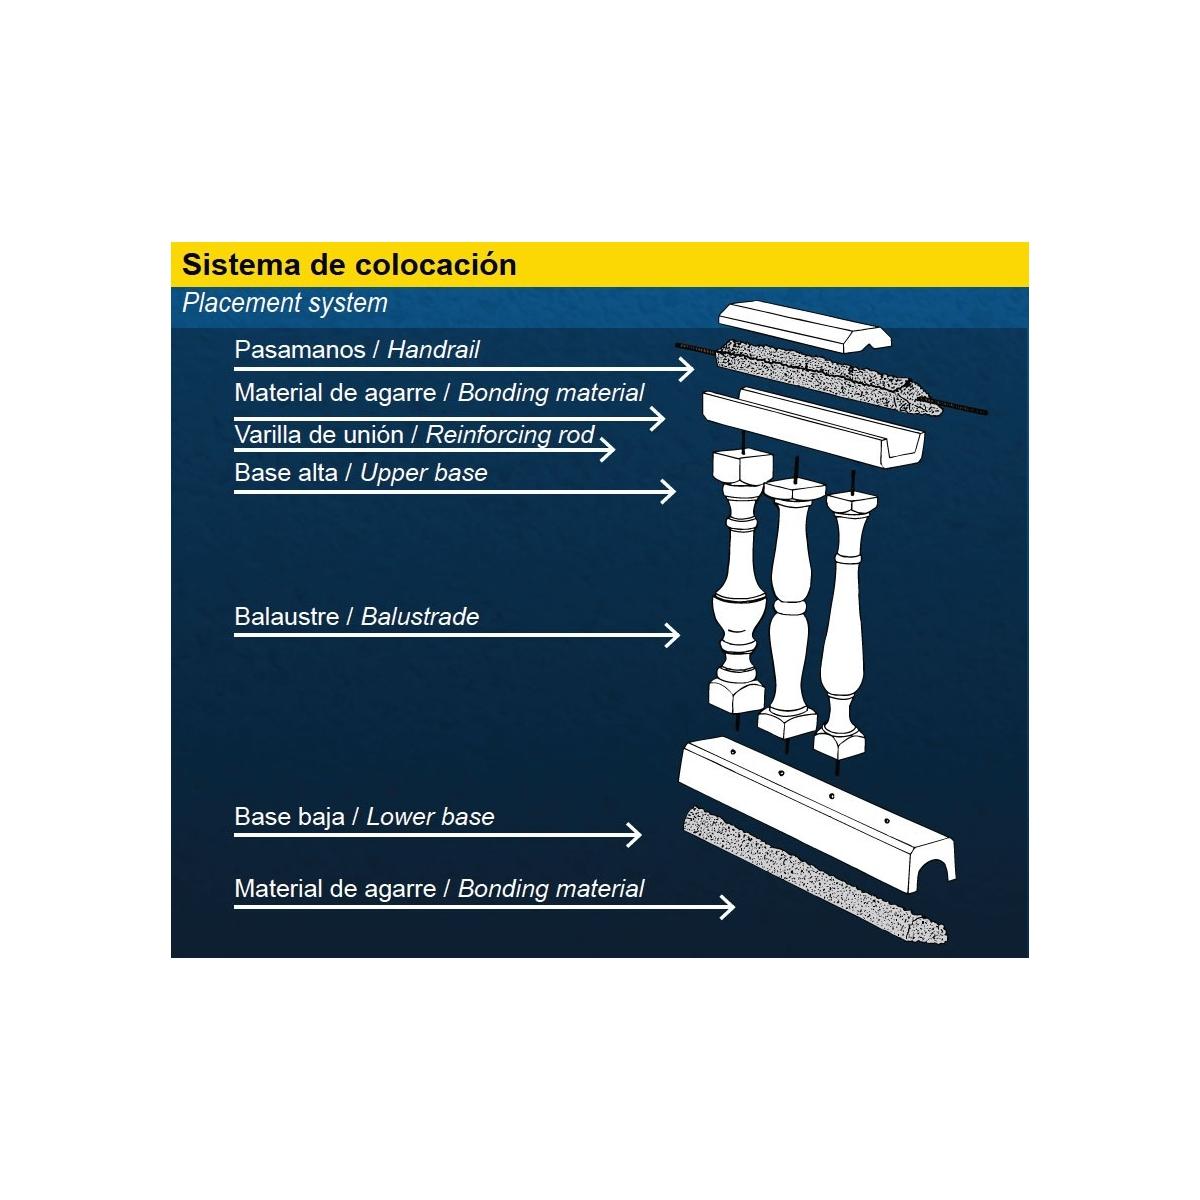 Pasamanos balaustrada - Balaustradas - Marca Prefabricados López